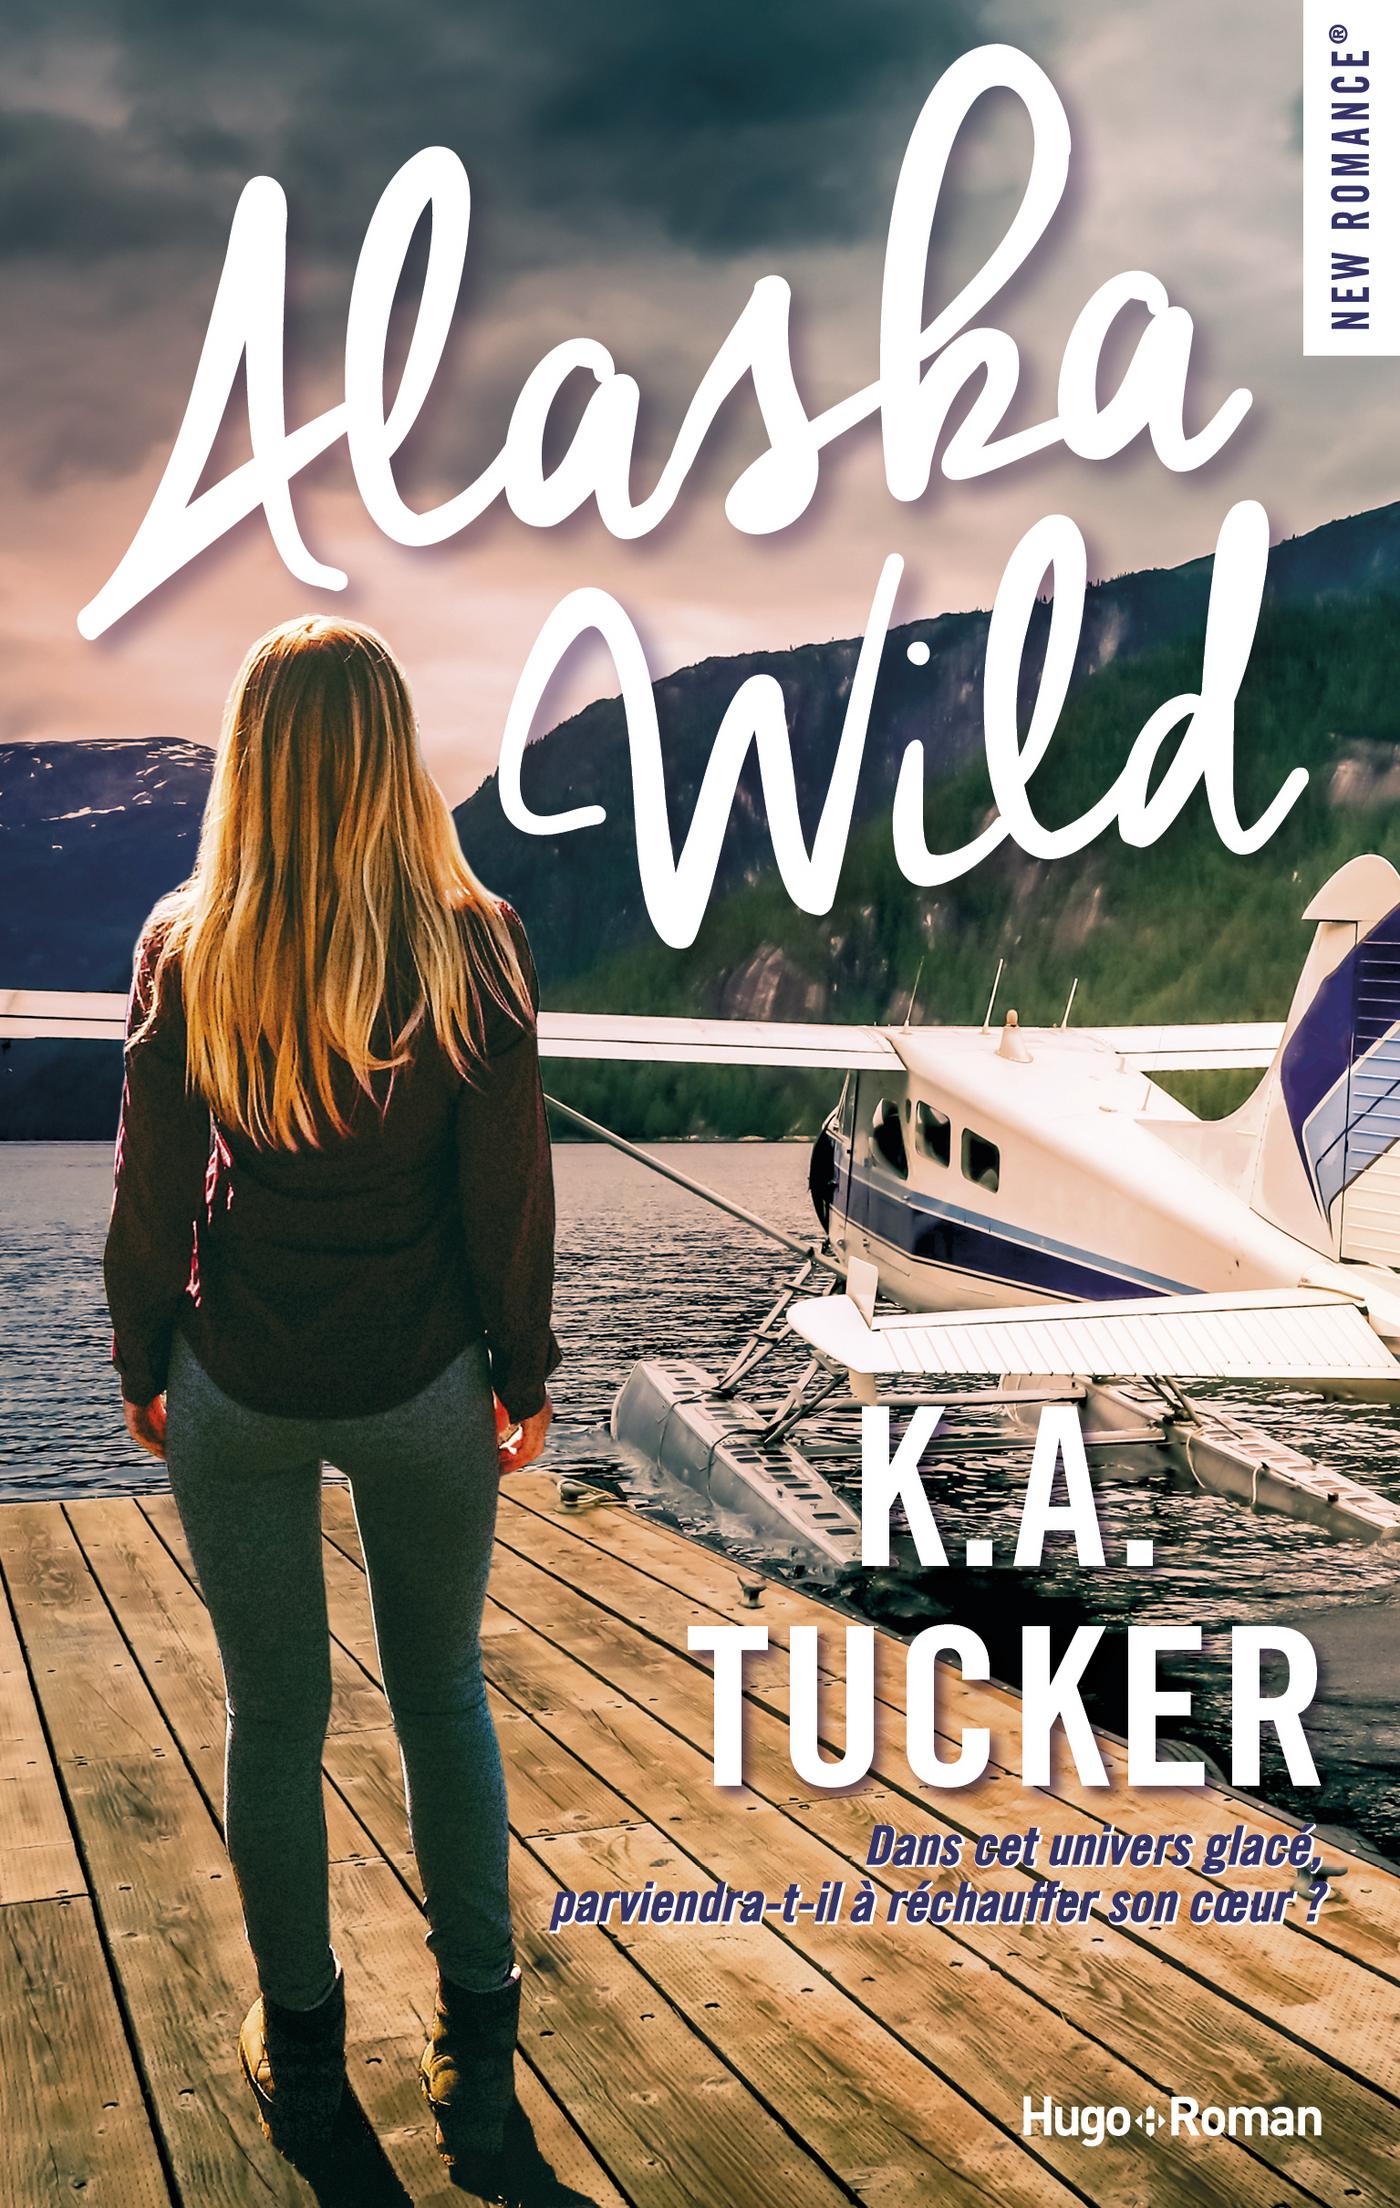 Alaska wild -Extrait offert-